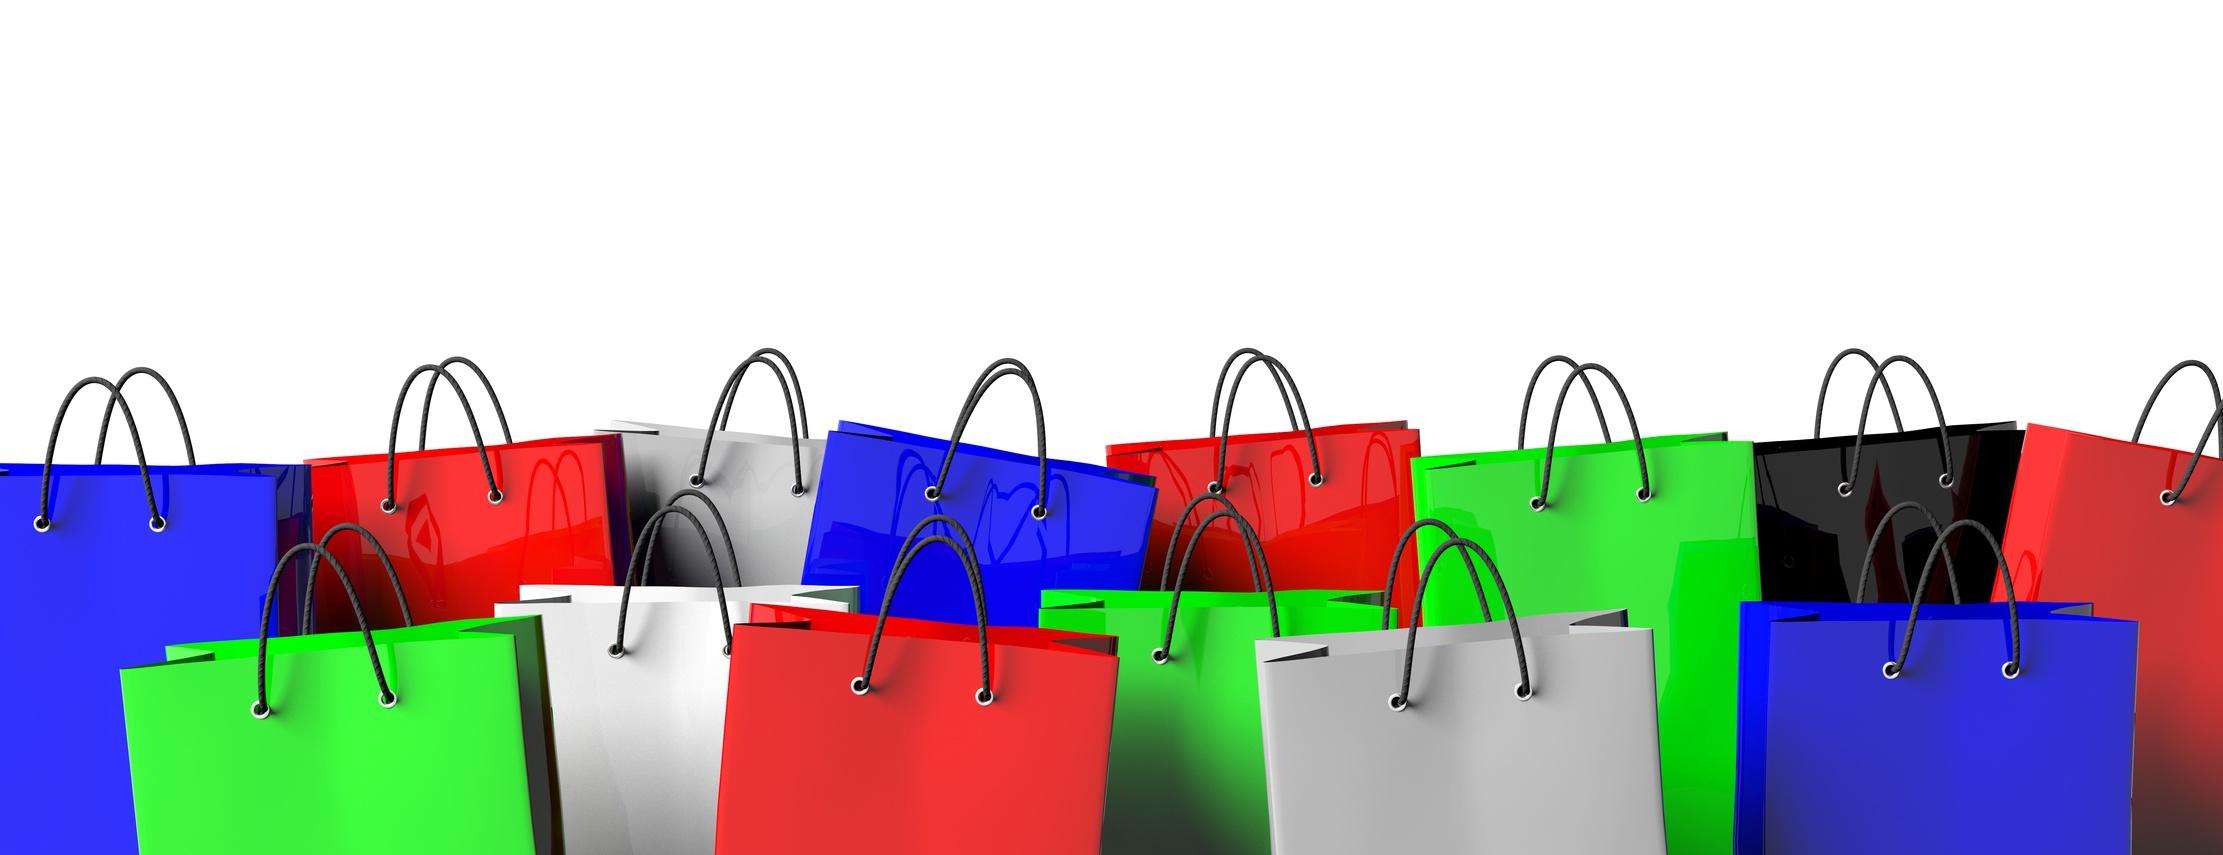 ניהול מכירות אפקטיבי – הלקוחות במקום הראשון